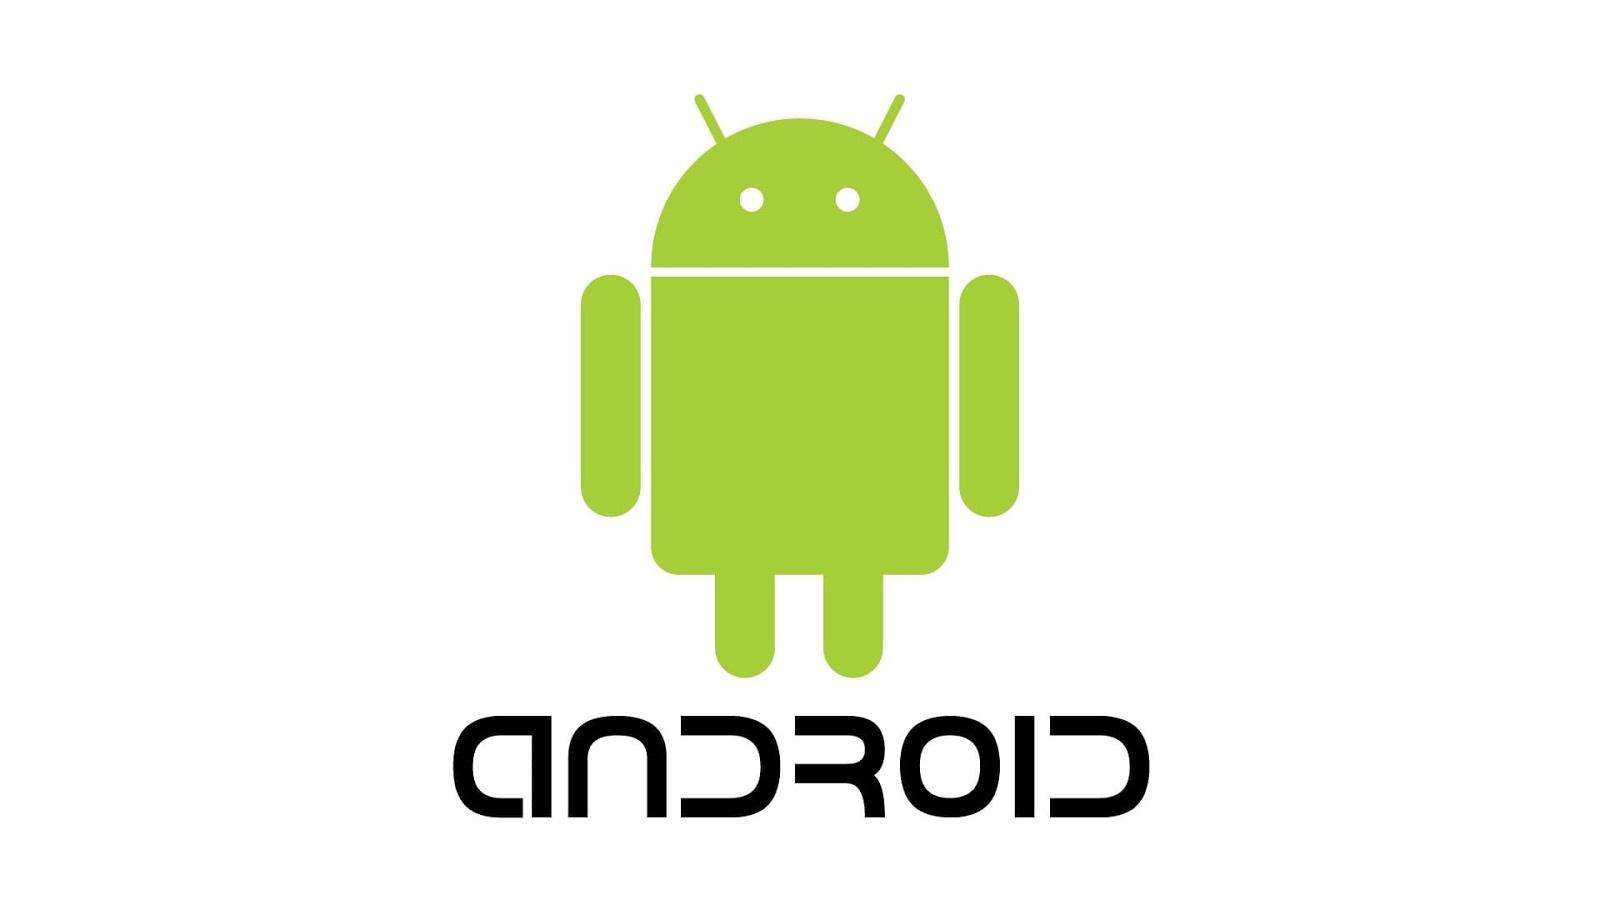 ghim trang web Sharetutfacebook ra màn hình chính với Chrome cho android và ios